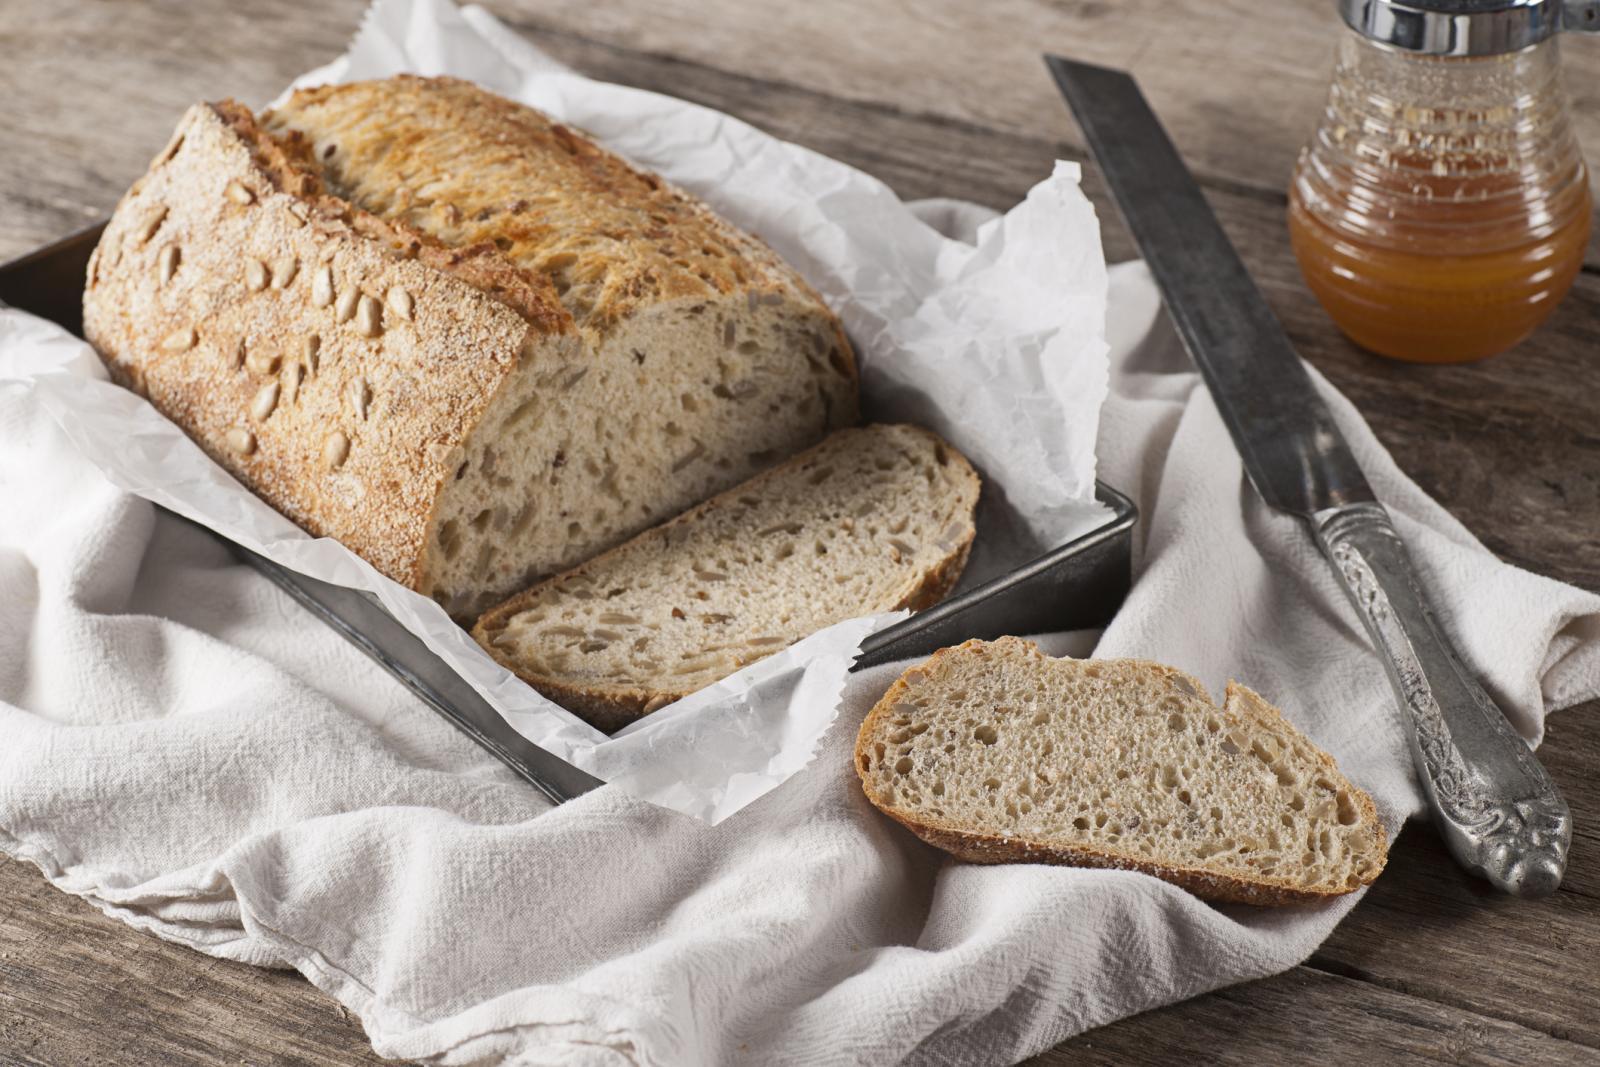 Zdravi kruh koji zagovara Gundry sastoji se od usitnjenih sjemenki suncokreta, bundeve, sezama, zobenih pahuljica...